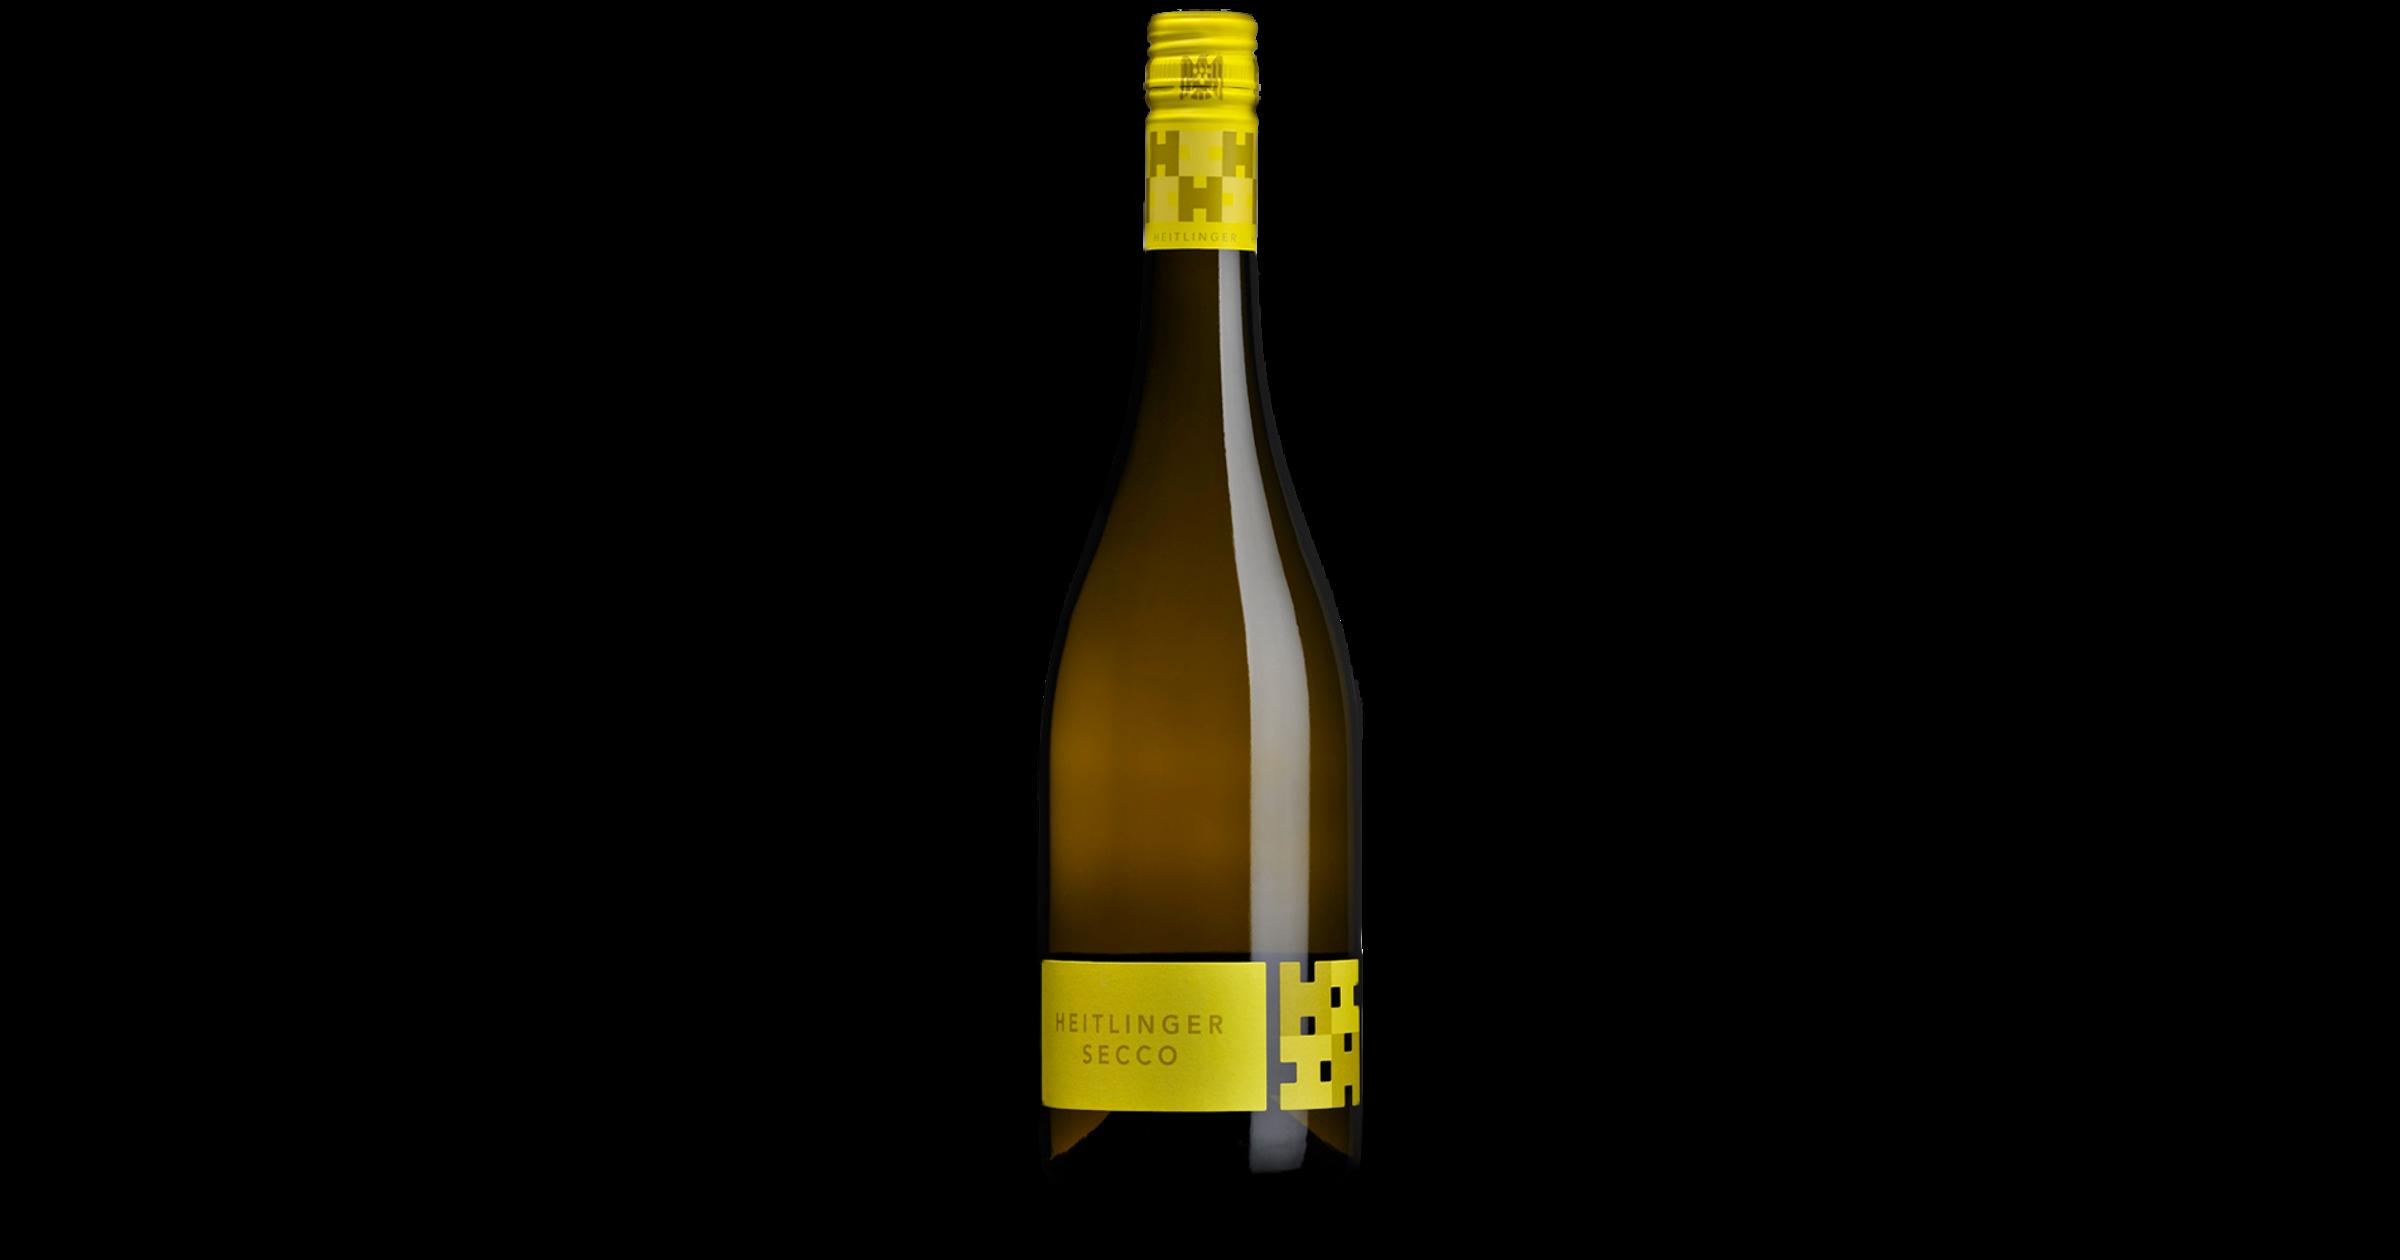 Heitlinger Heitlinger Secco trocken 2019 | Vicampo.de